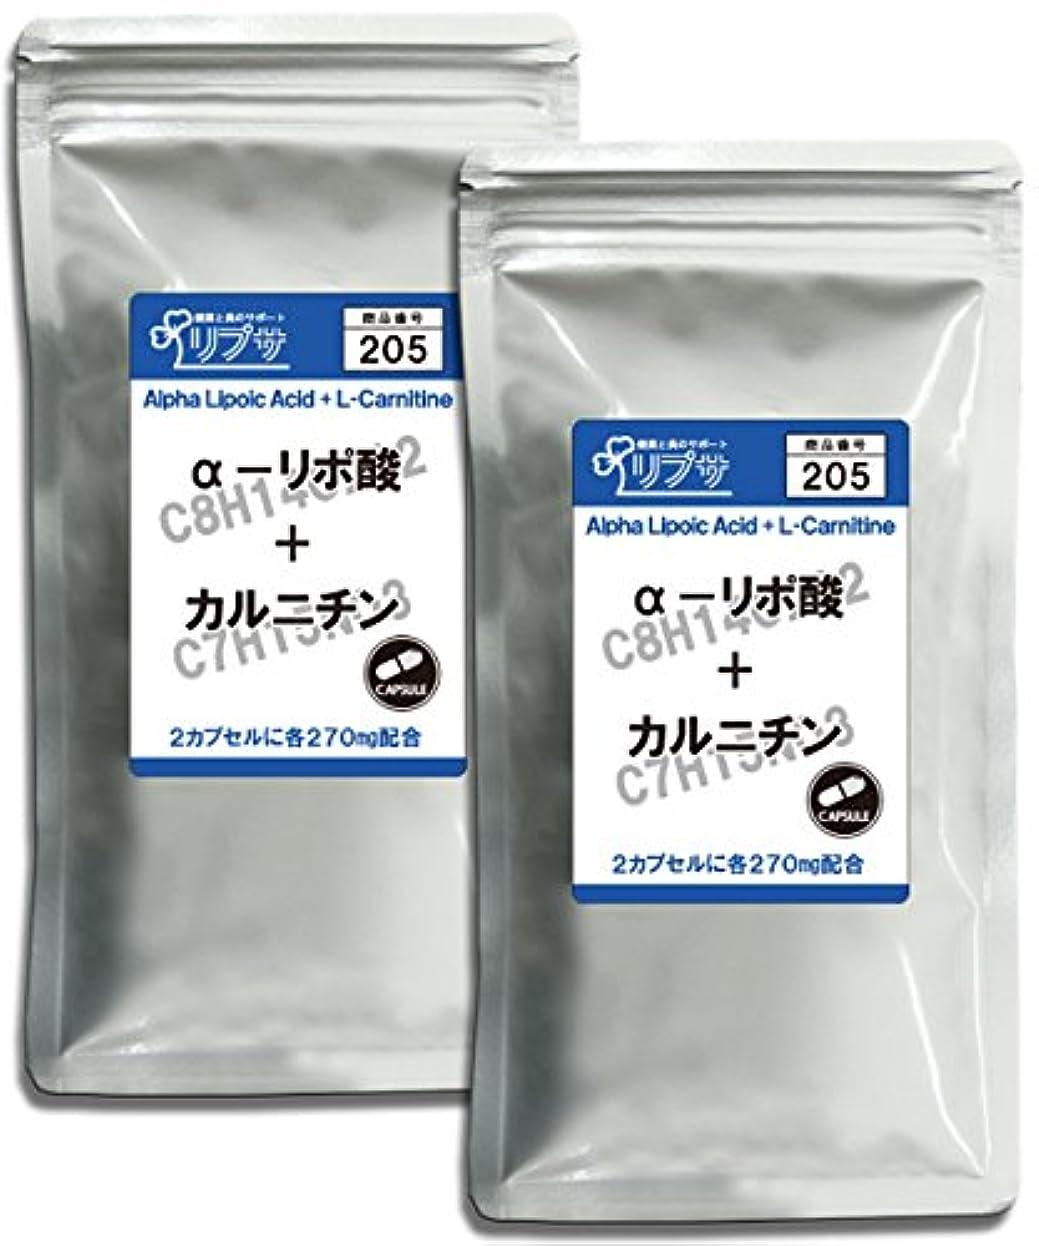 政権ひそかに人差し指アルファリポ酸+カルニチン 約3か月分×2袋 C-205-2